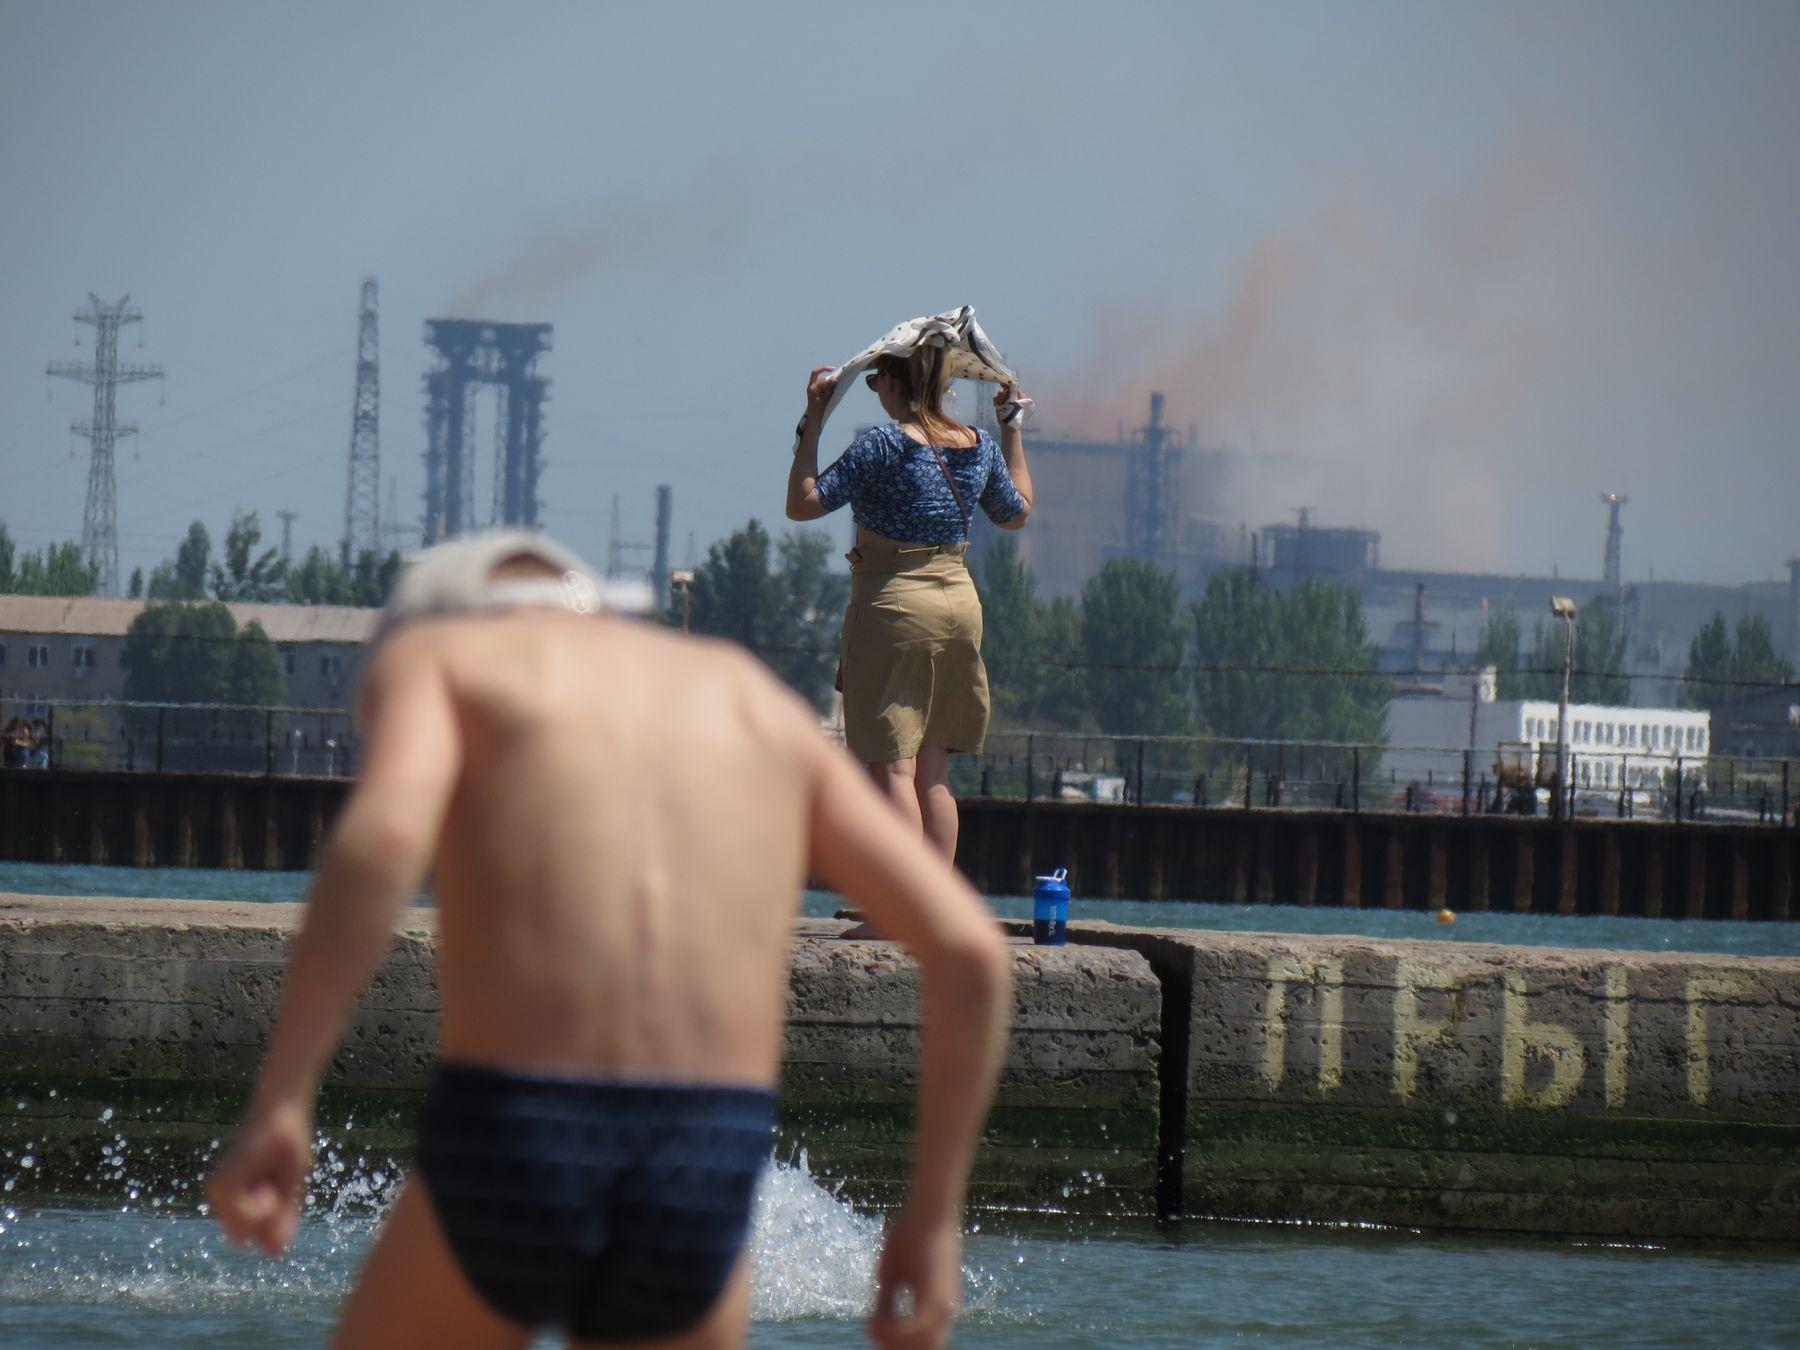 Донбасс. курорт в 20 км от фронта